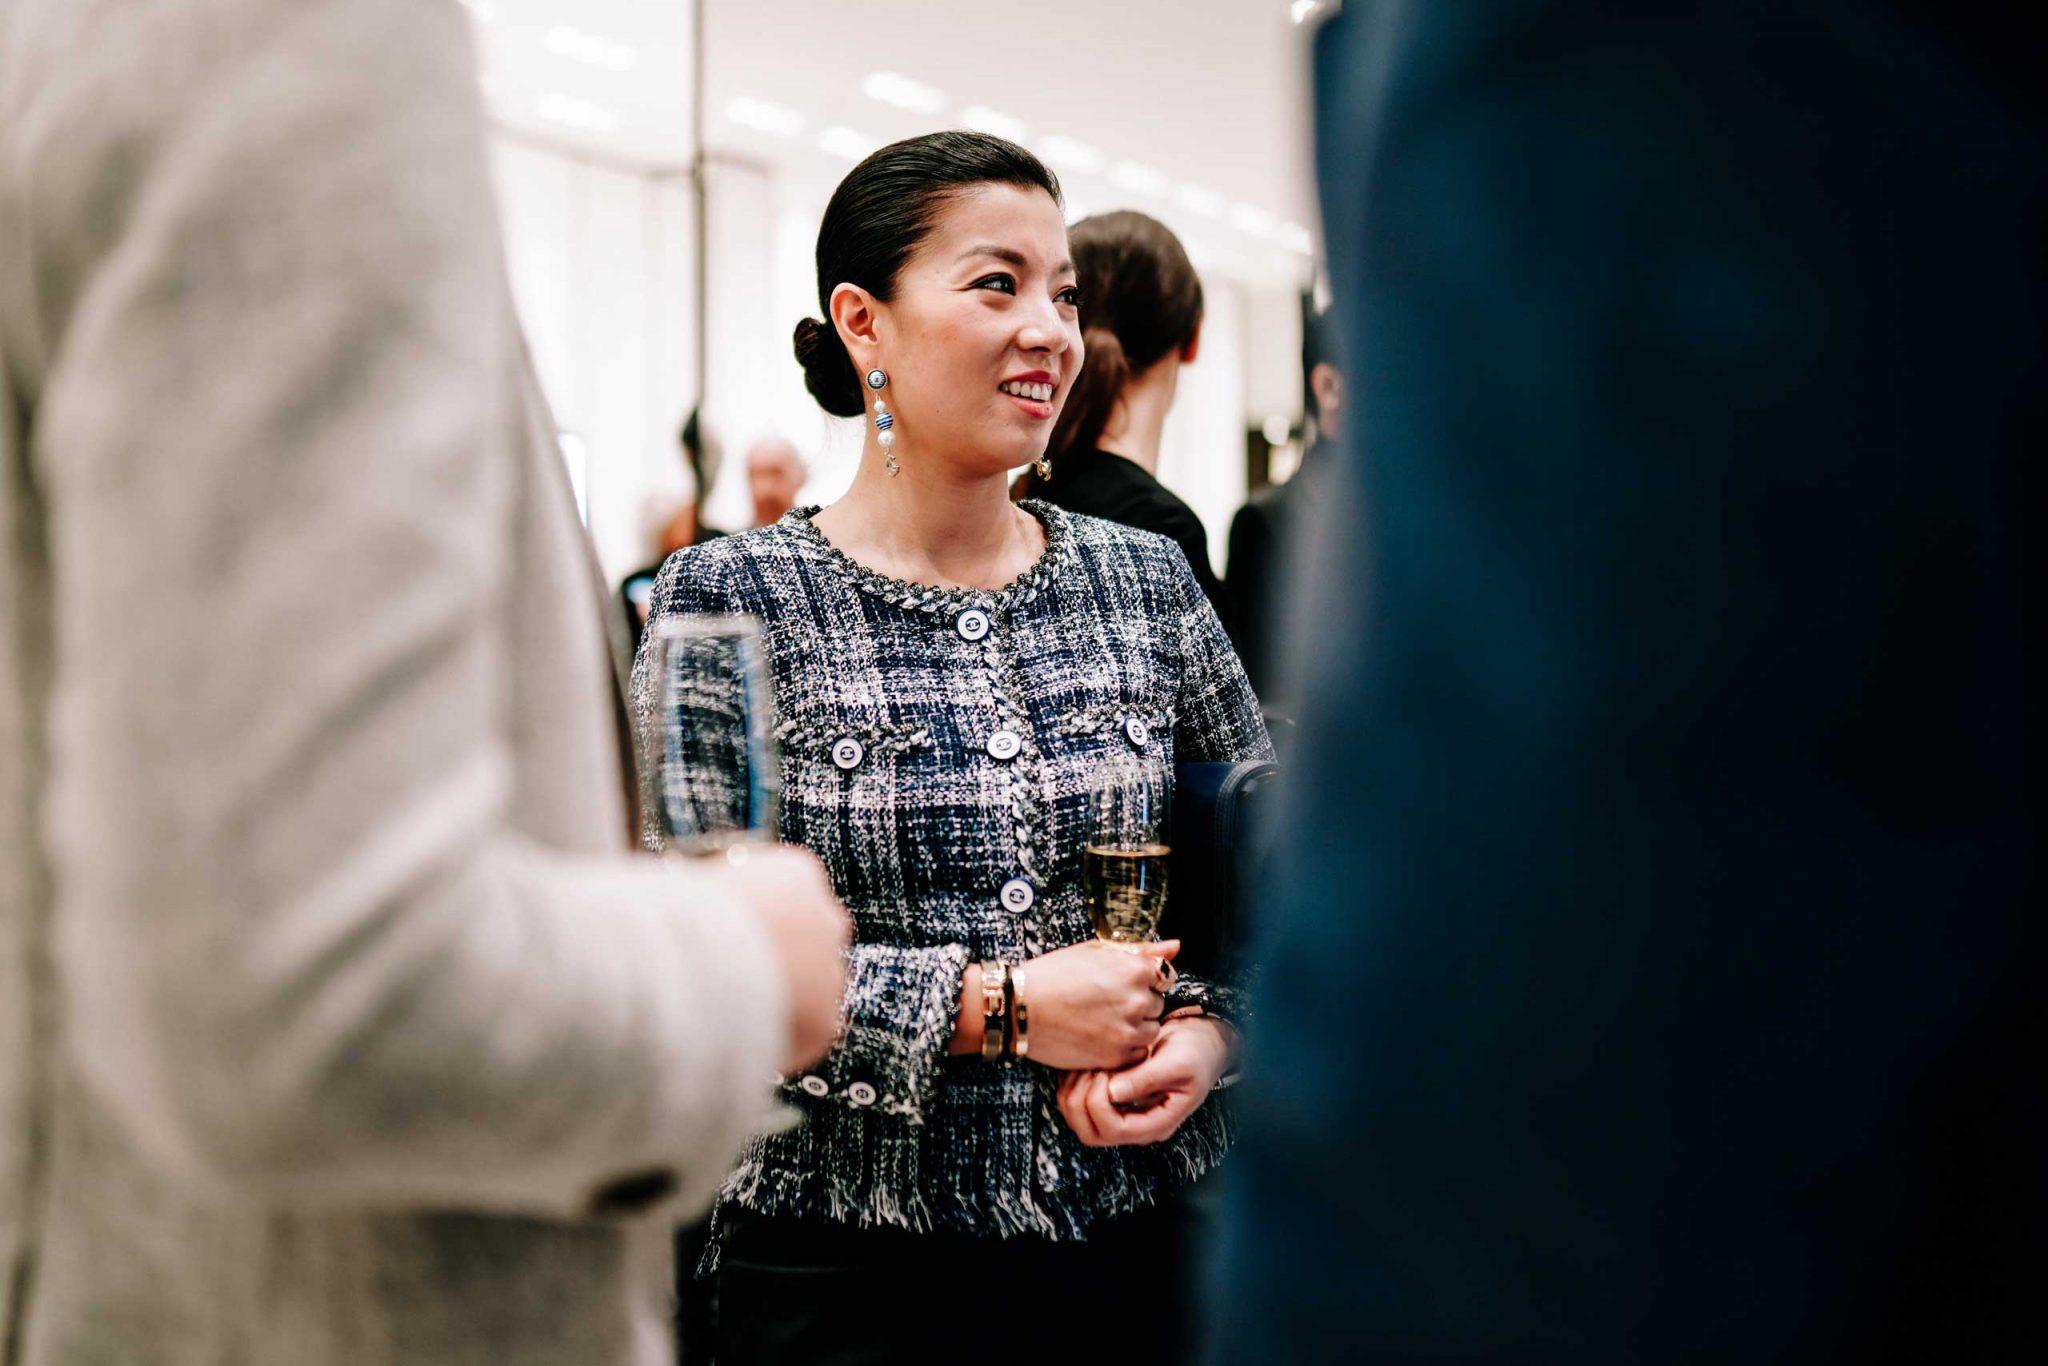 Chanel_Boutique_Cocktail_event_Ilsoo_van_Dijk_07122019-01141